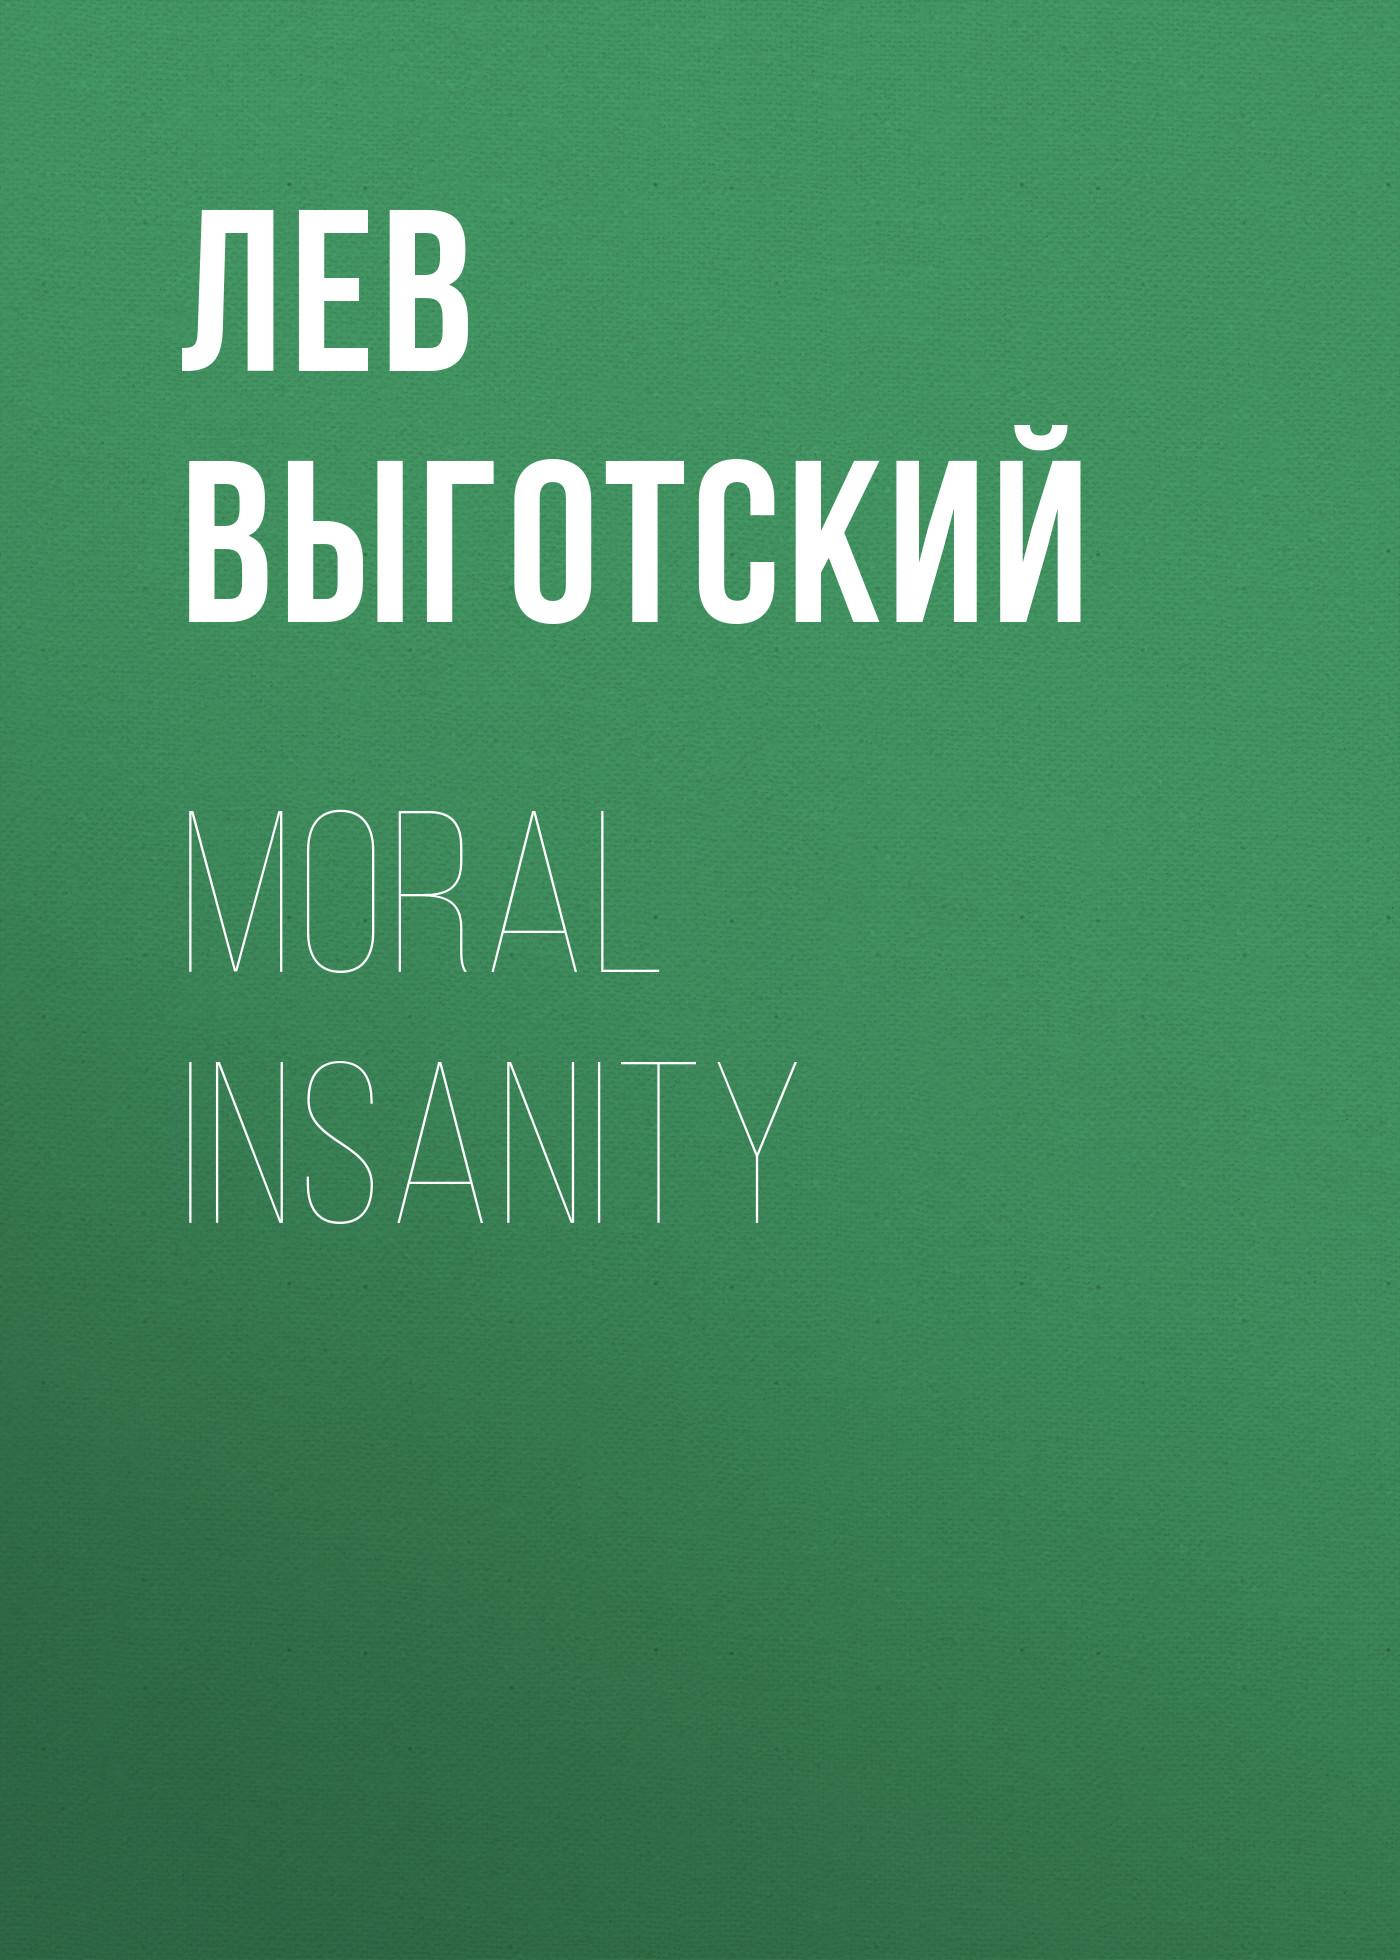 Moral insanity